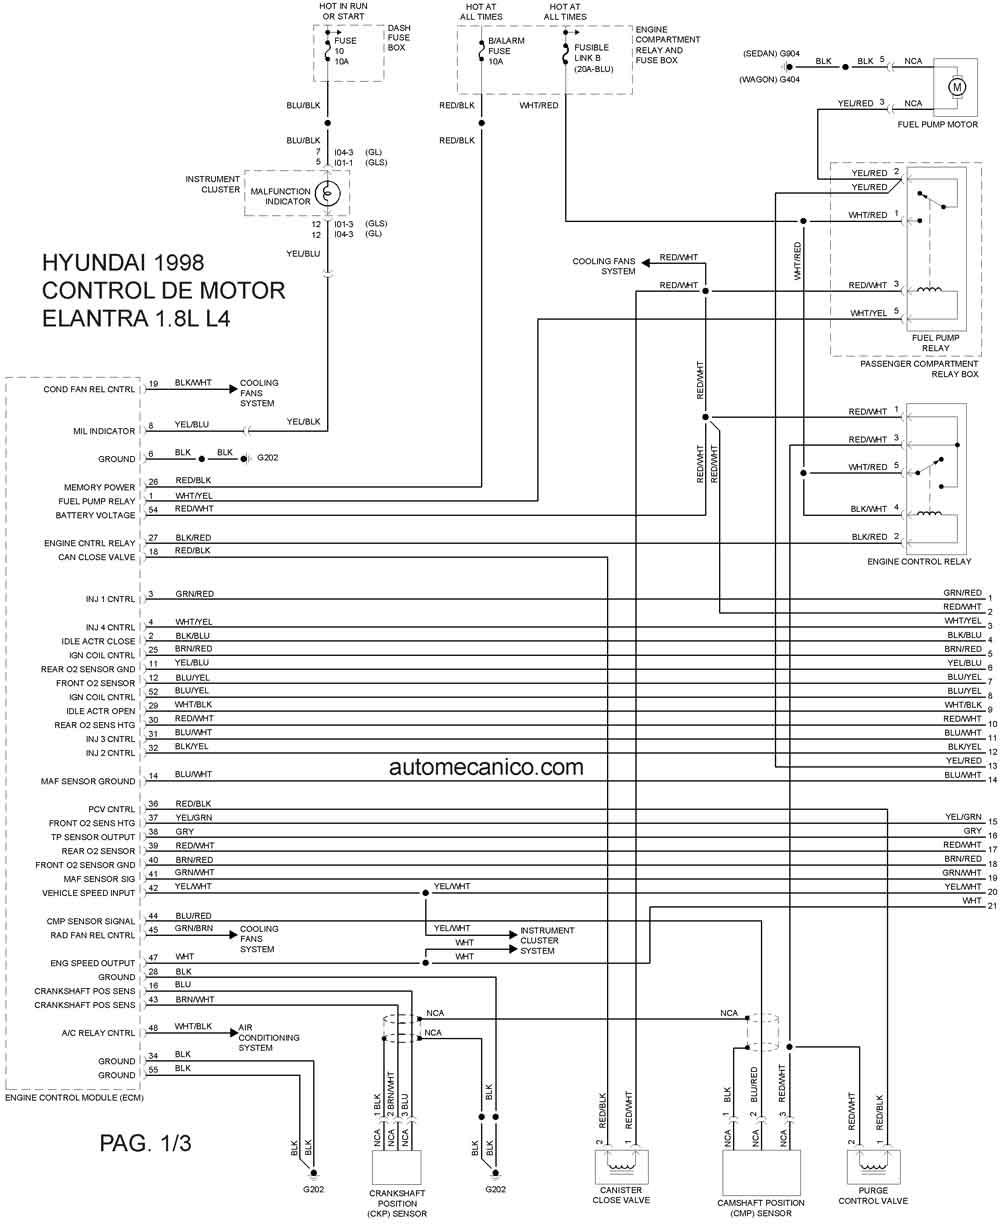 1998 Hyundai Elantra Autos Post